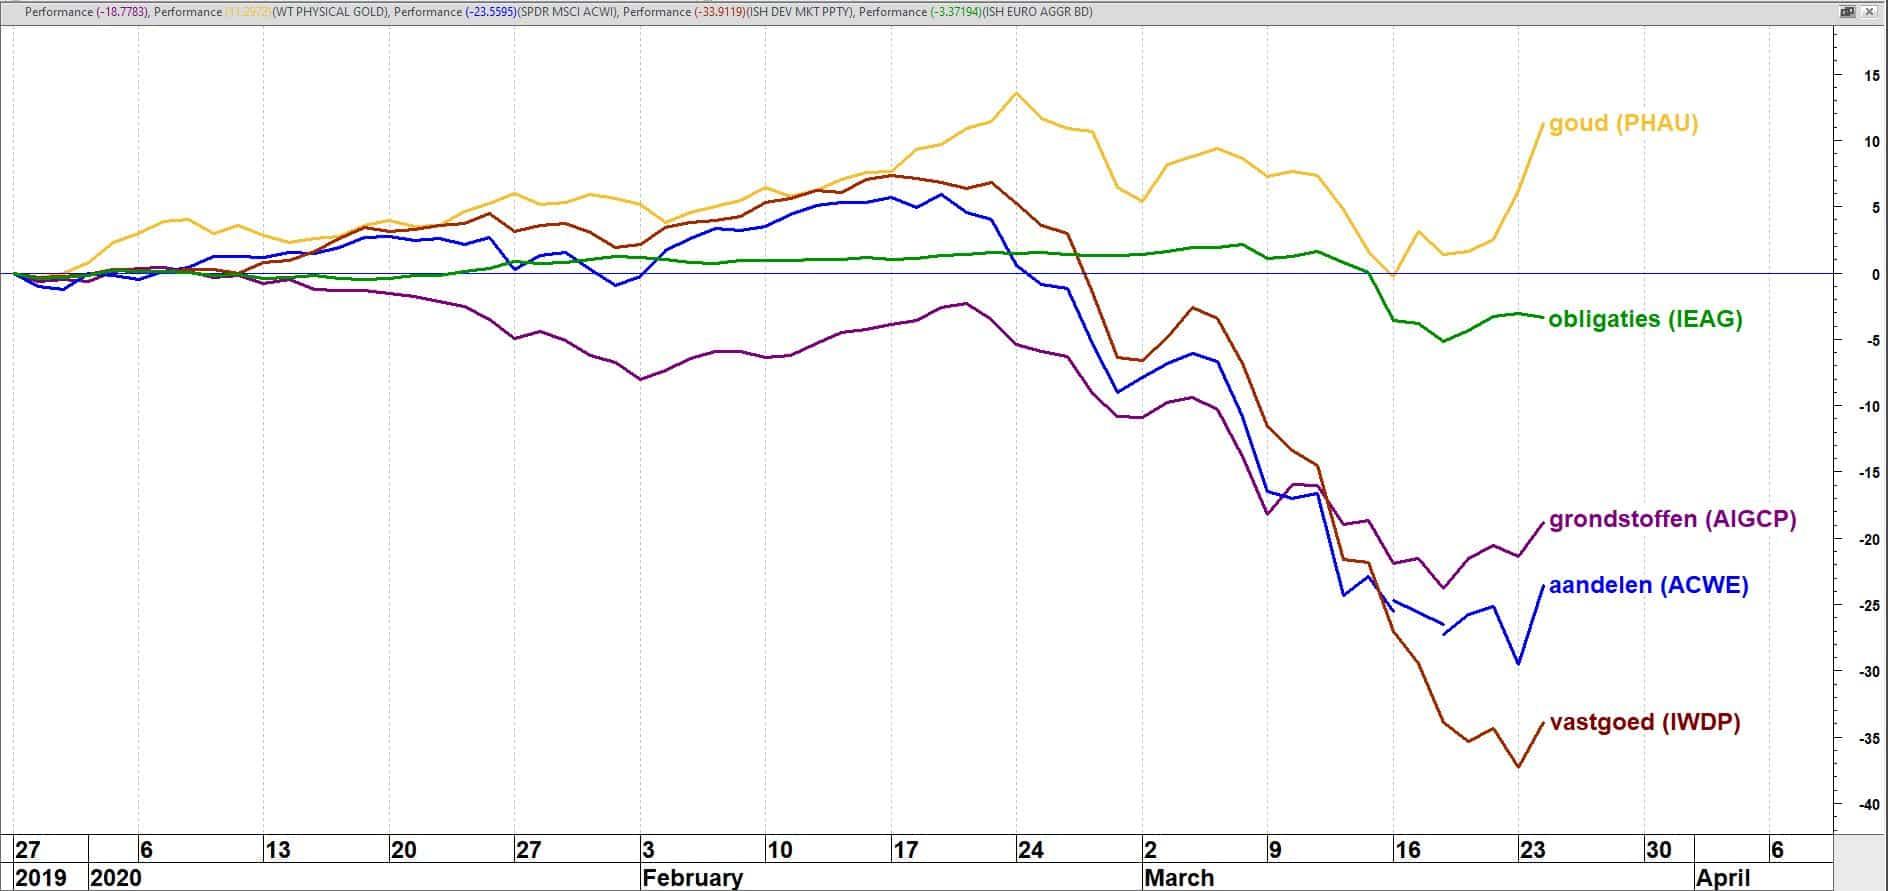 Koersperformance vijf ETF's (in euro's) in vijf verschillende asset classes 25-12-2019 t/m 24-03-2020